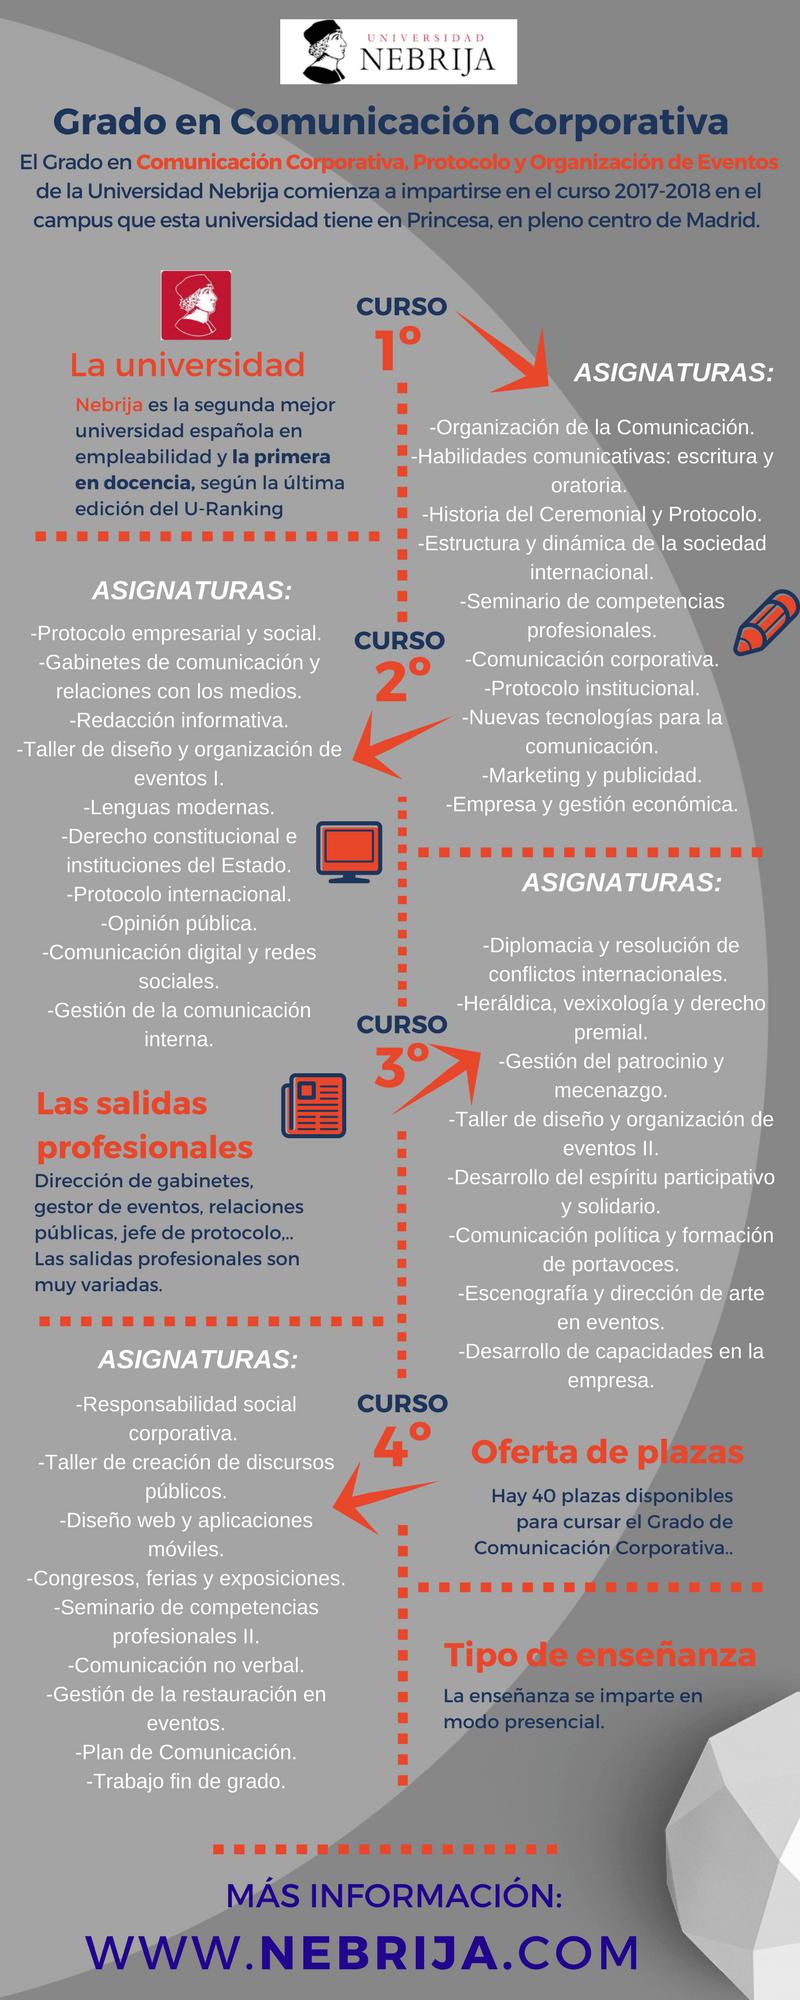 NEBRIJA Comunicación Corporativa infografía (1).png